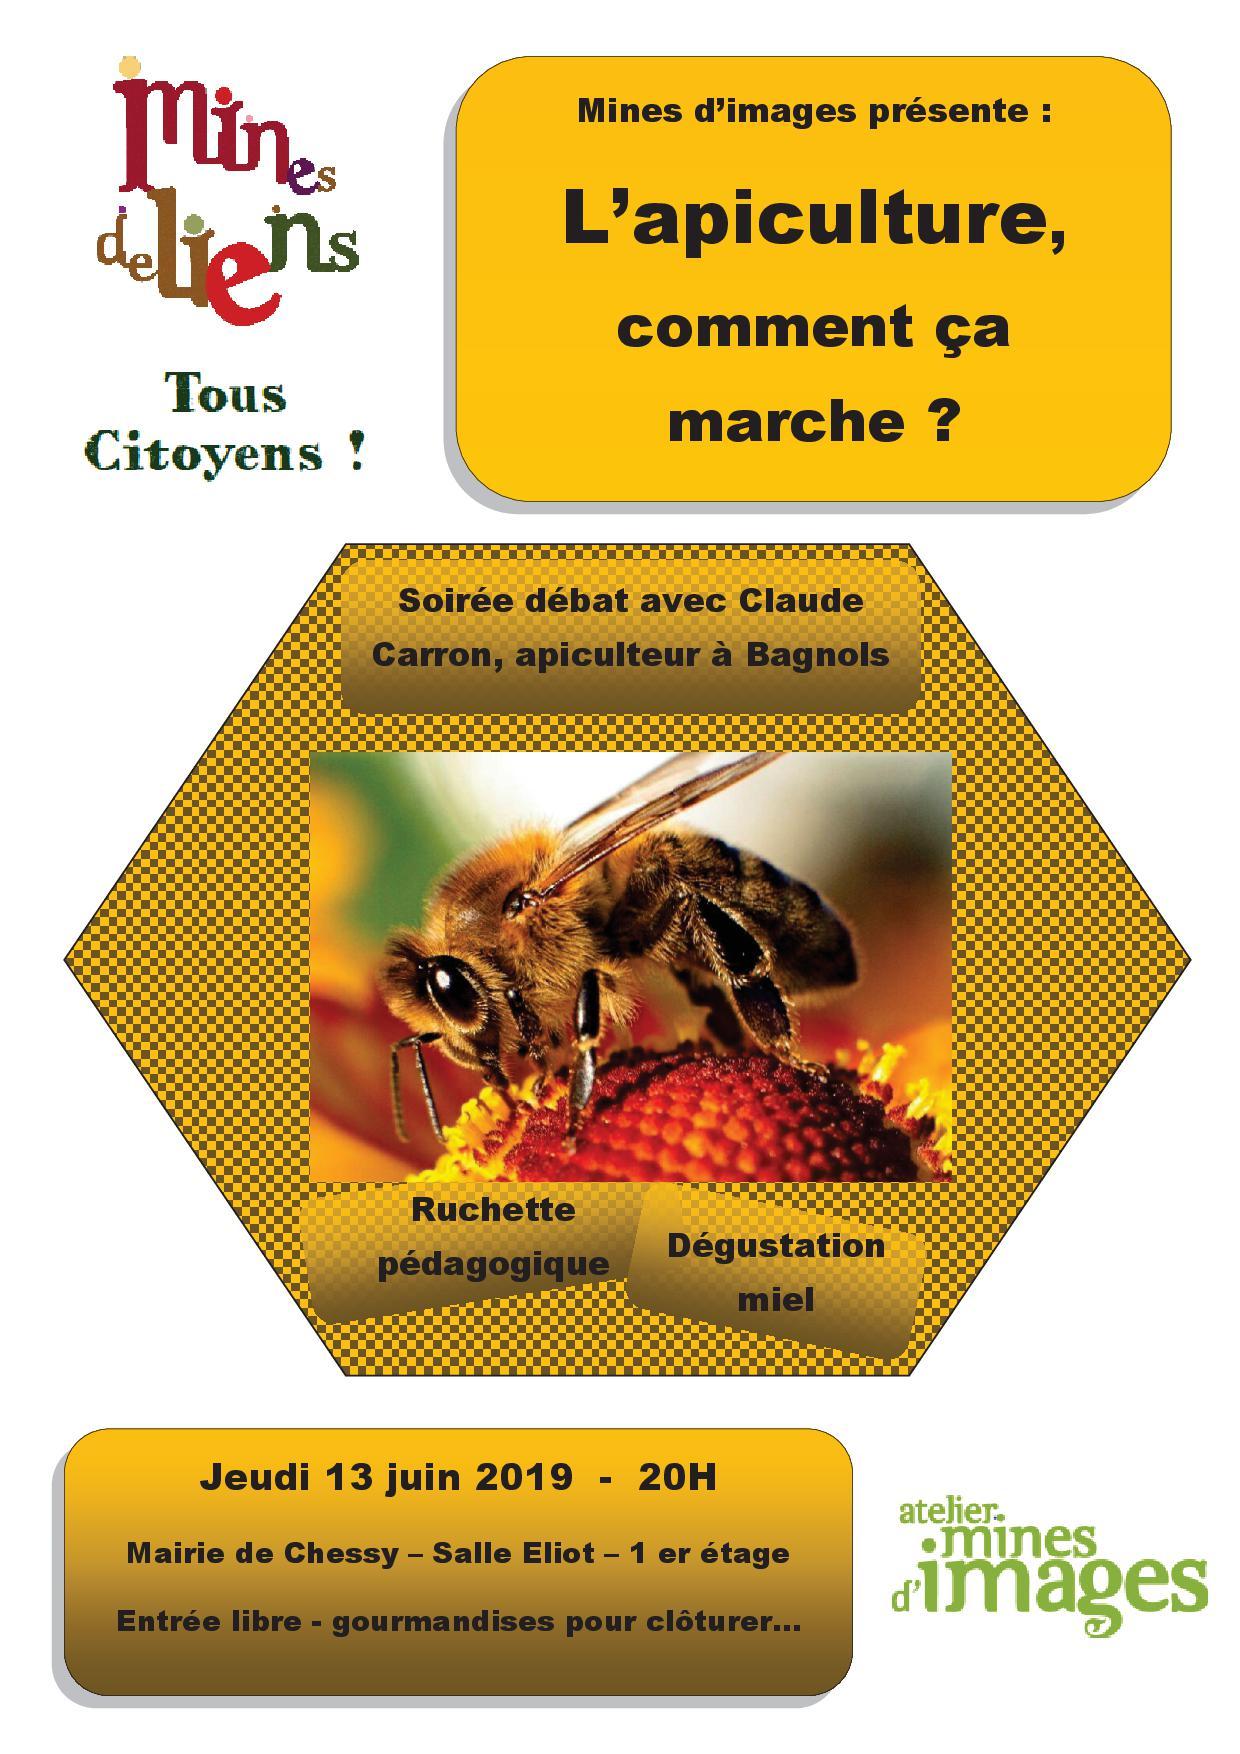 mines_d'images_abeilles_13_juin_20h_chessy